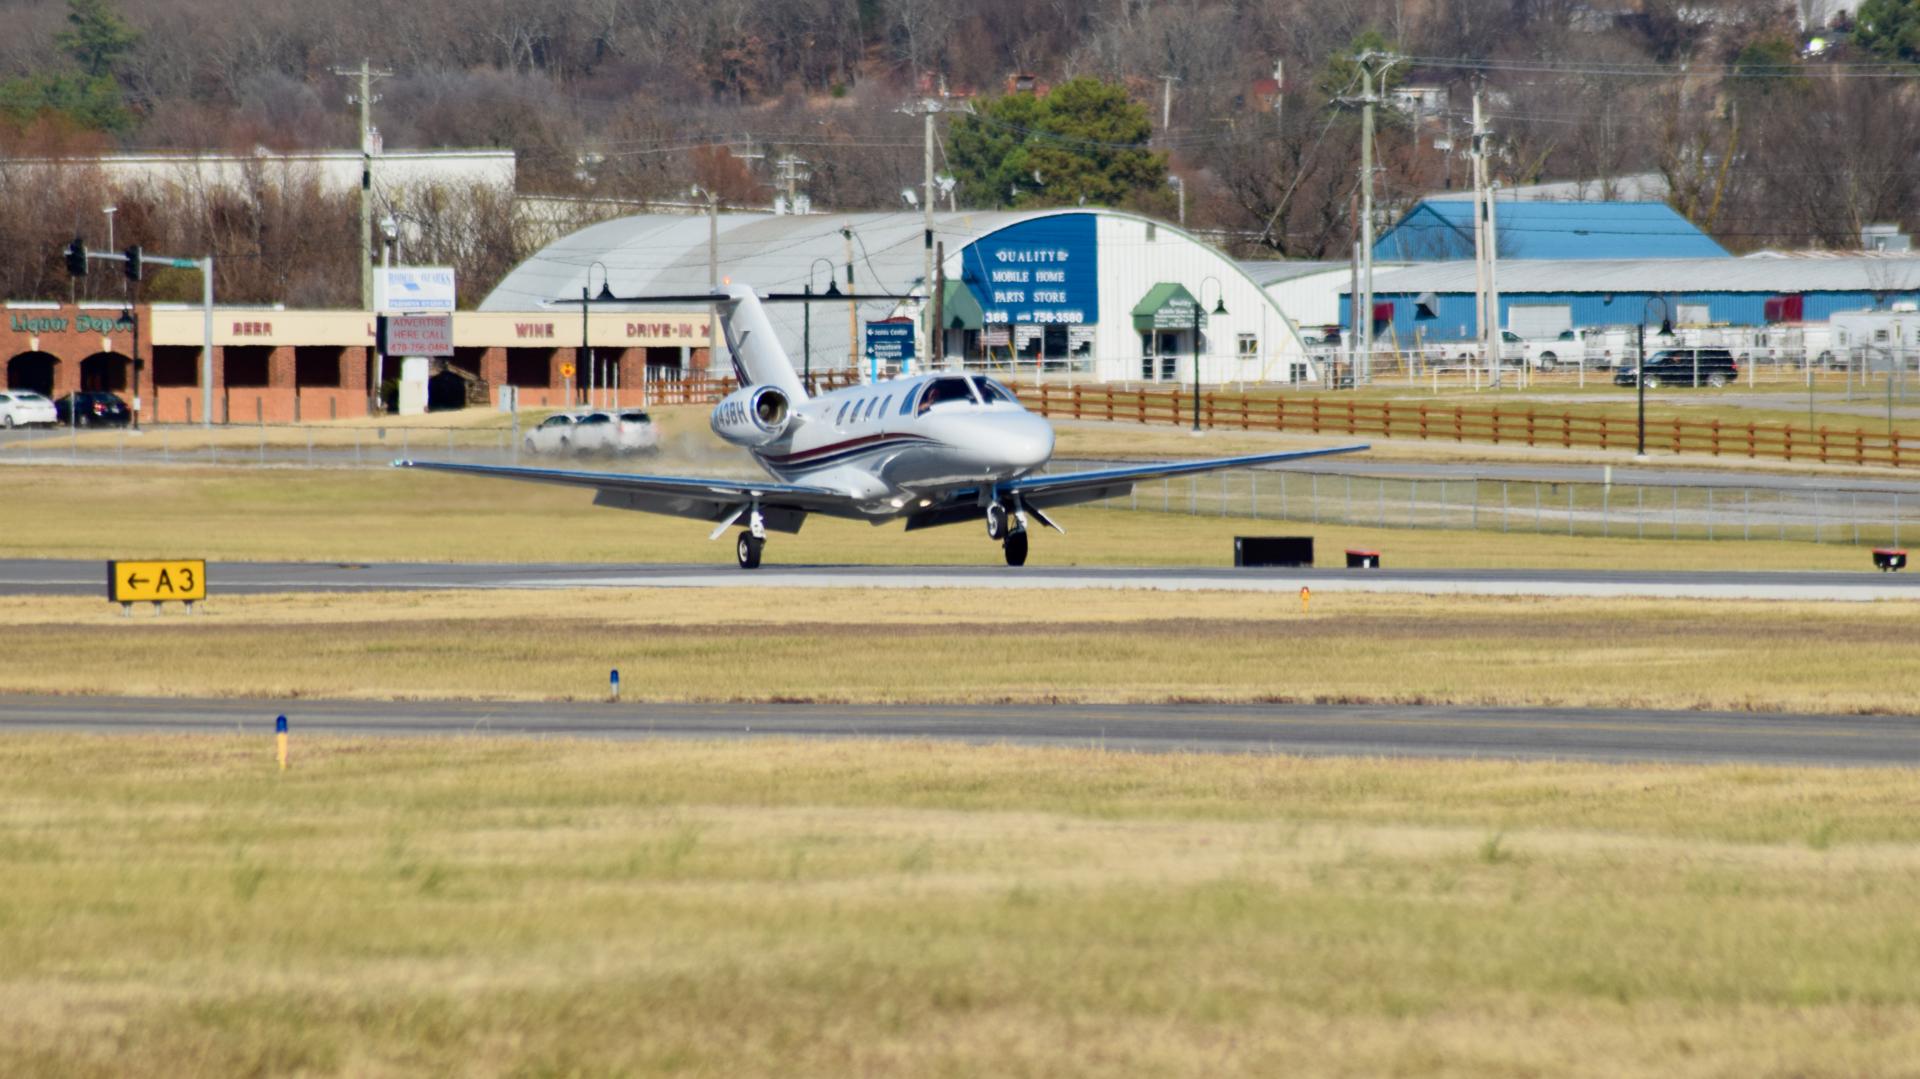 A&J Aviation